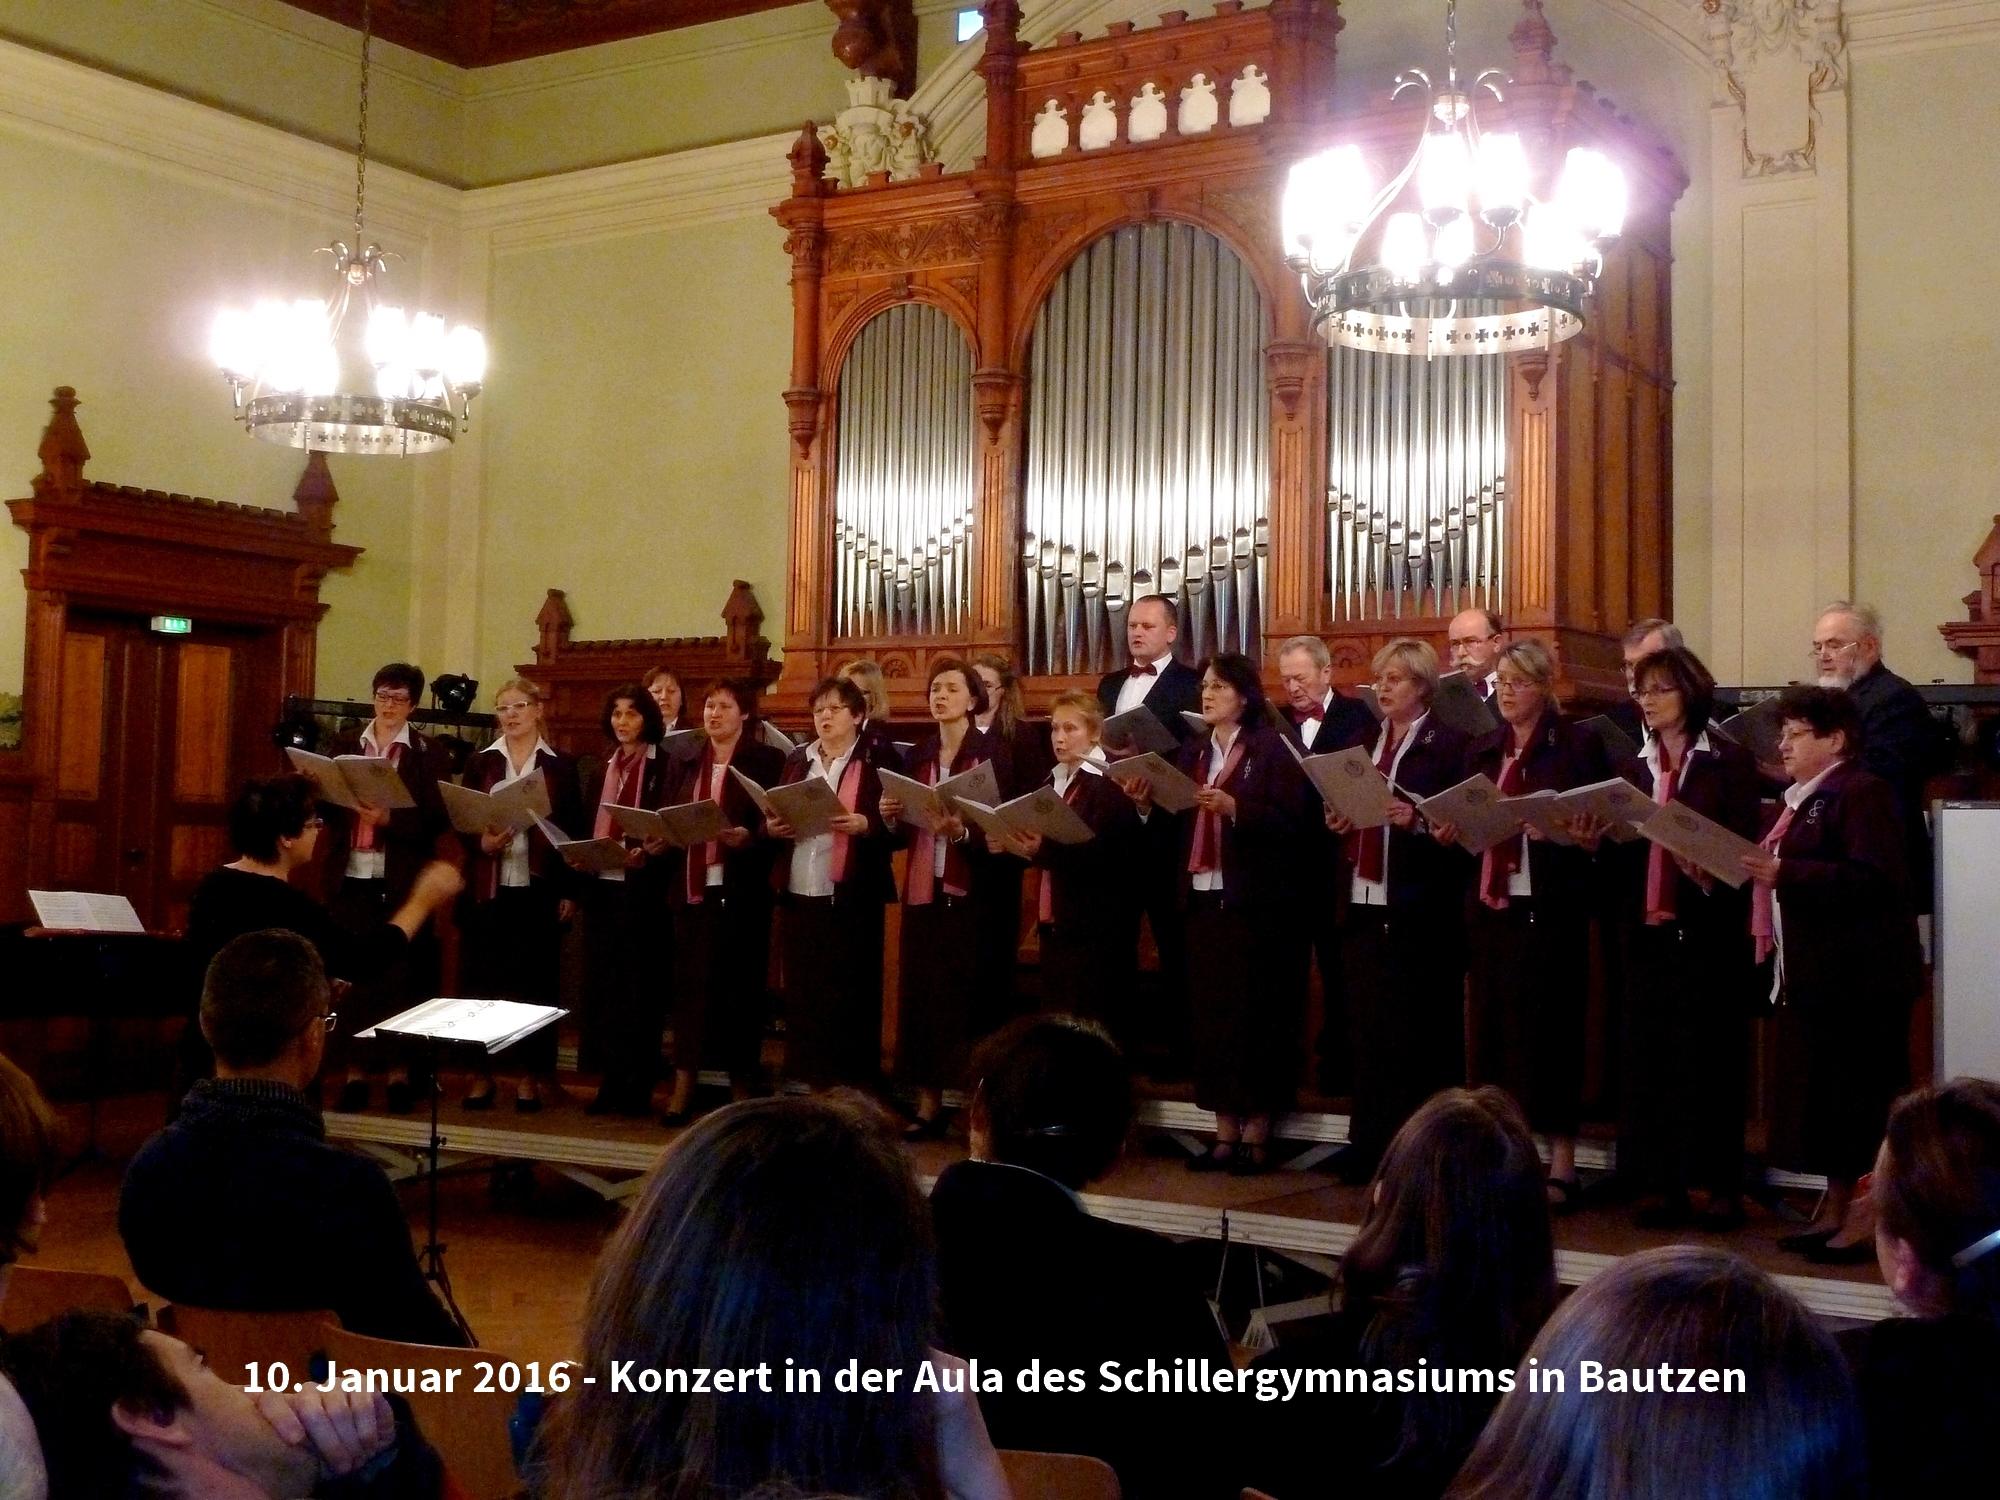 Konzert in der Aula des Schillergymnasiums Bautzen